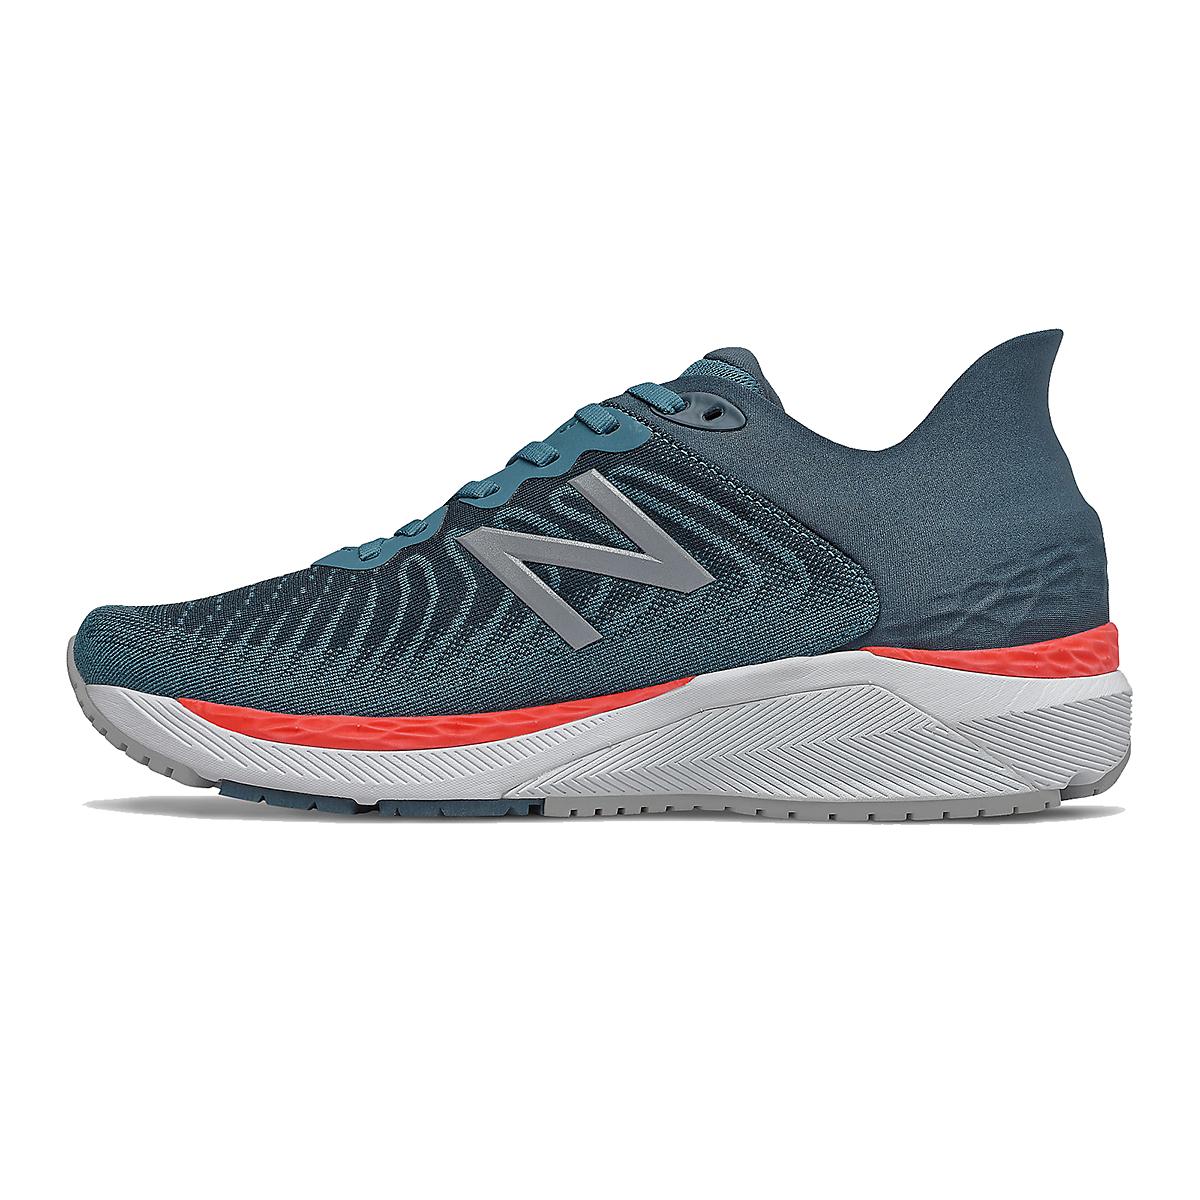 Men's New Balance 860v11 Running Shoe  - Color: Jet Stream - Size: 6 - Width: Wide, Jet Stream, large, image 2